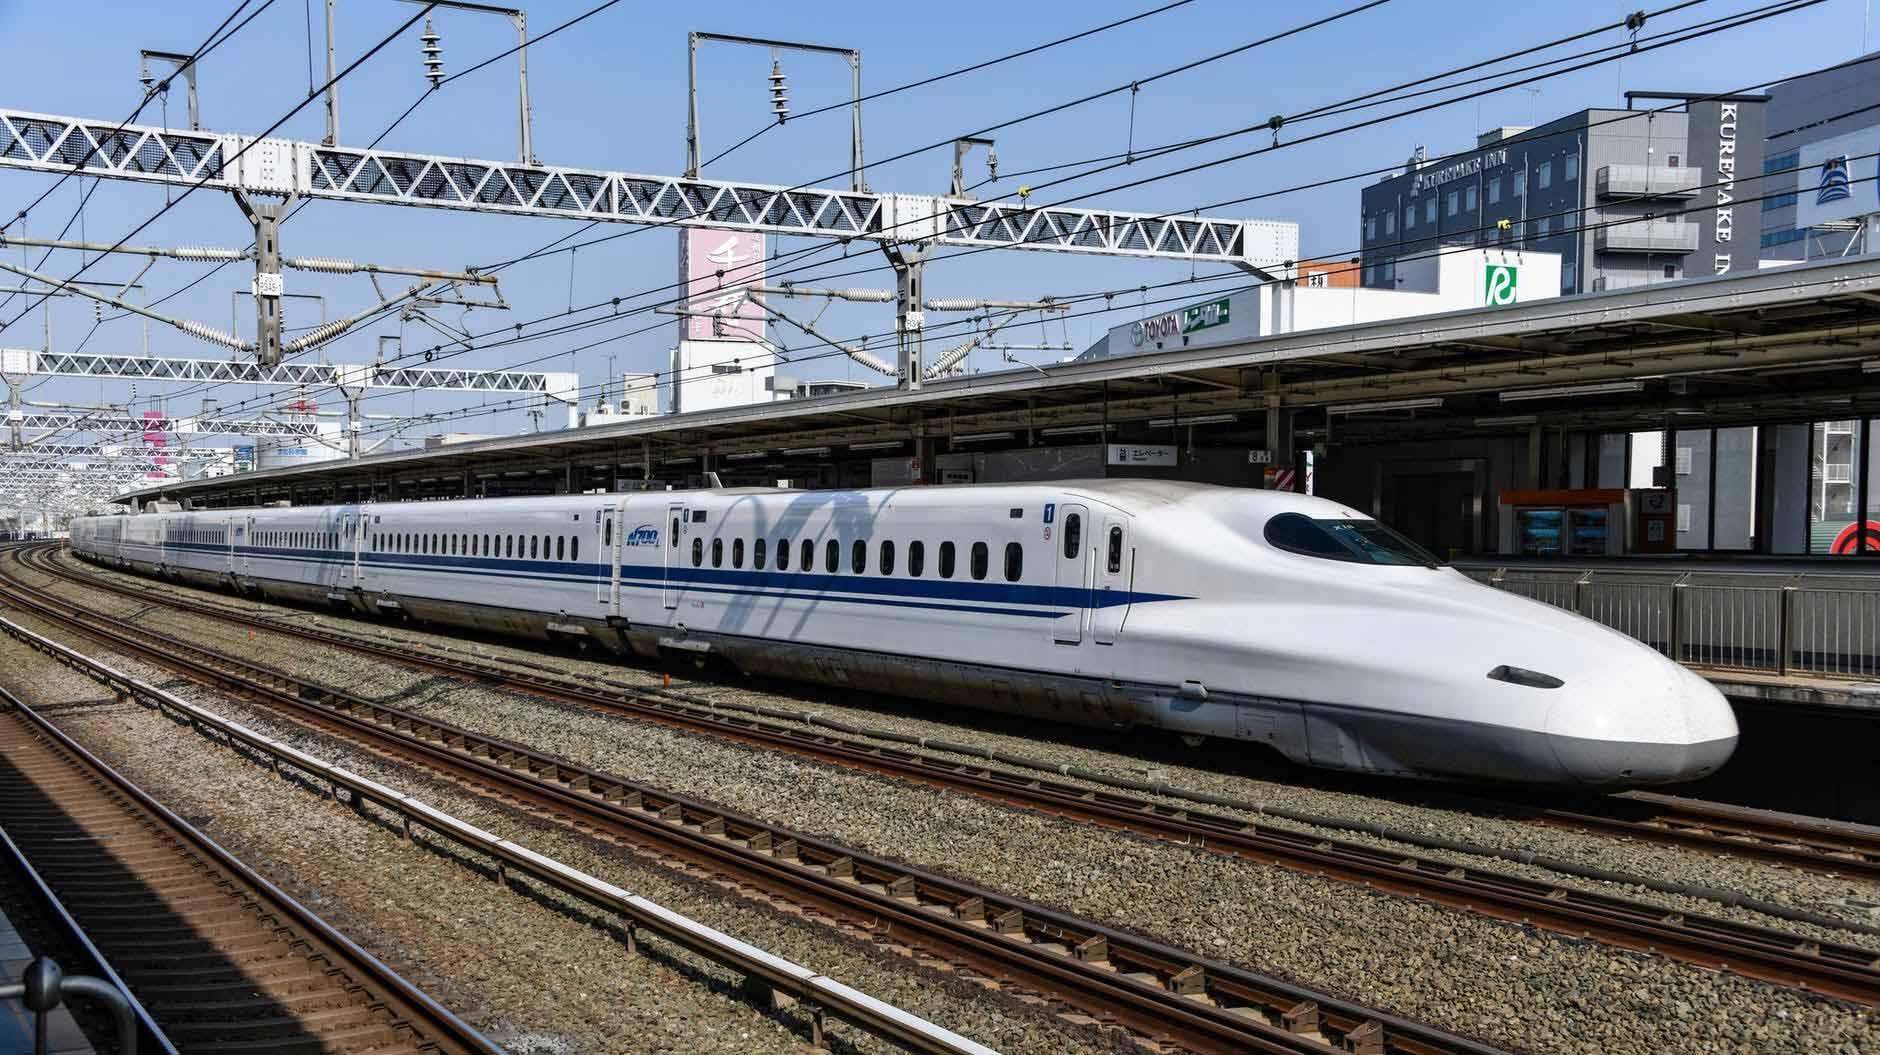 Desligamento do Adobe Flash interrompe ferrovia chinesa por mais de 16 horas antes de restauração de cópia pirata do software. Foto ilustrativa: Pexel